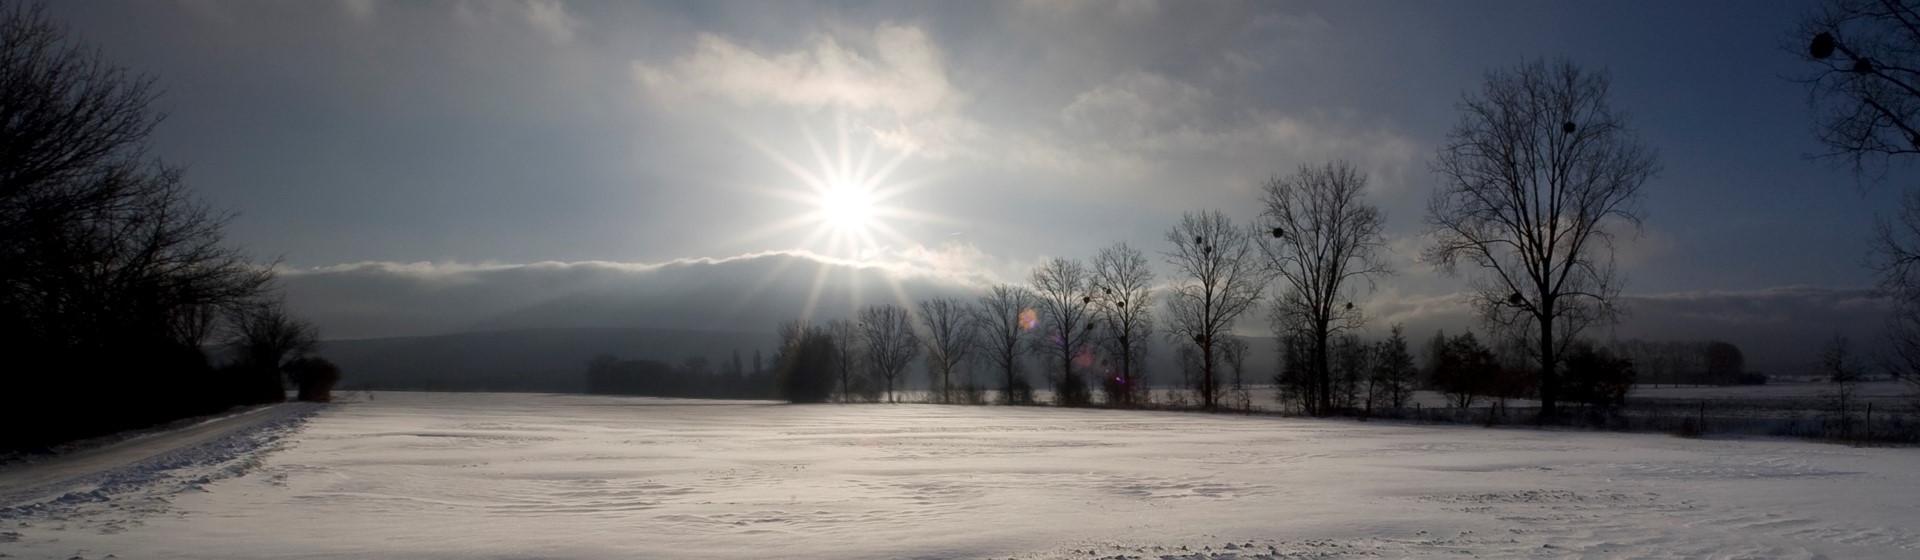 Winterbild-Deister